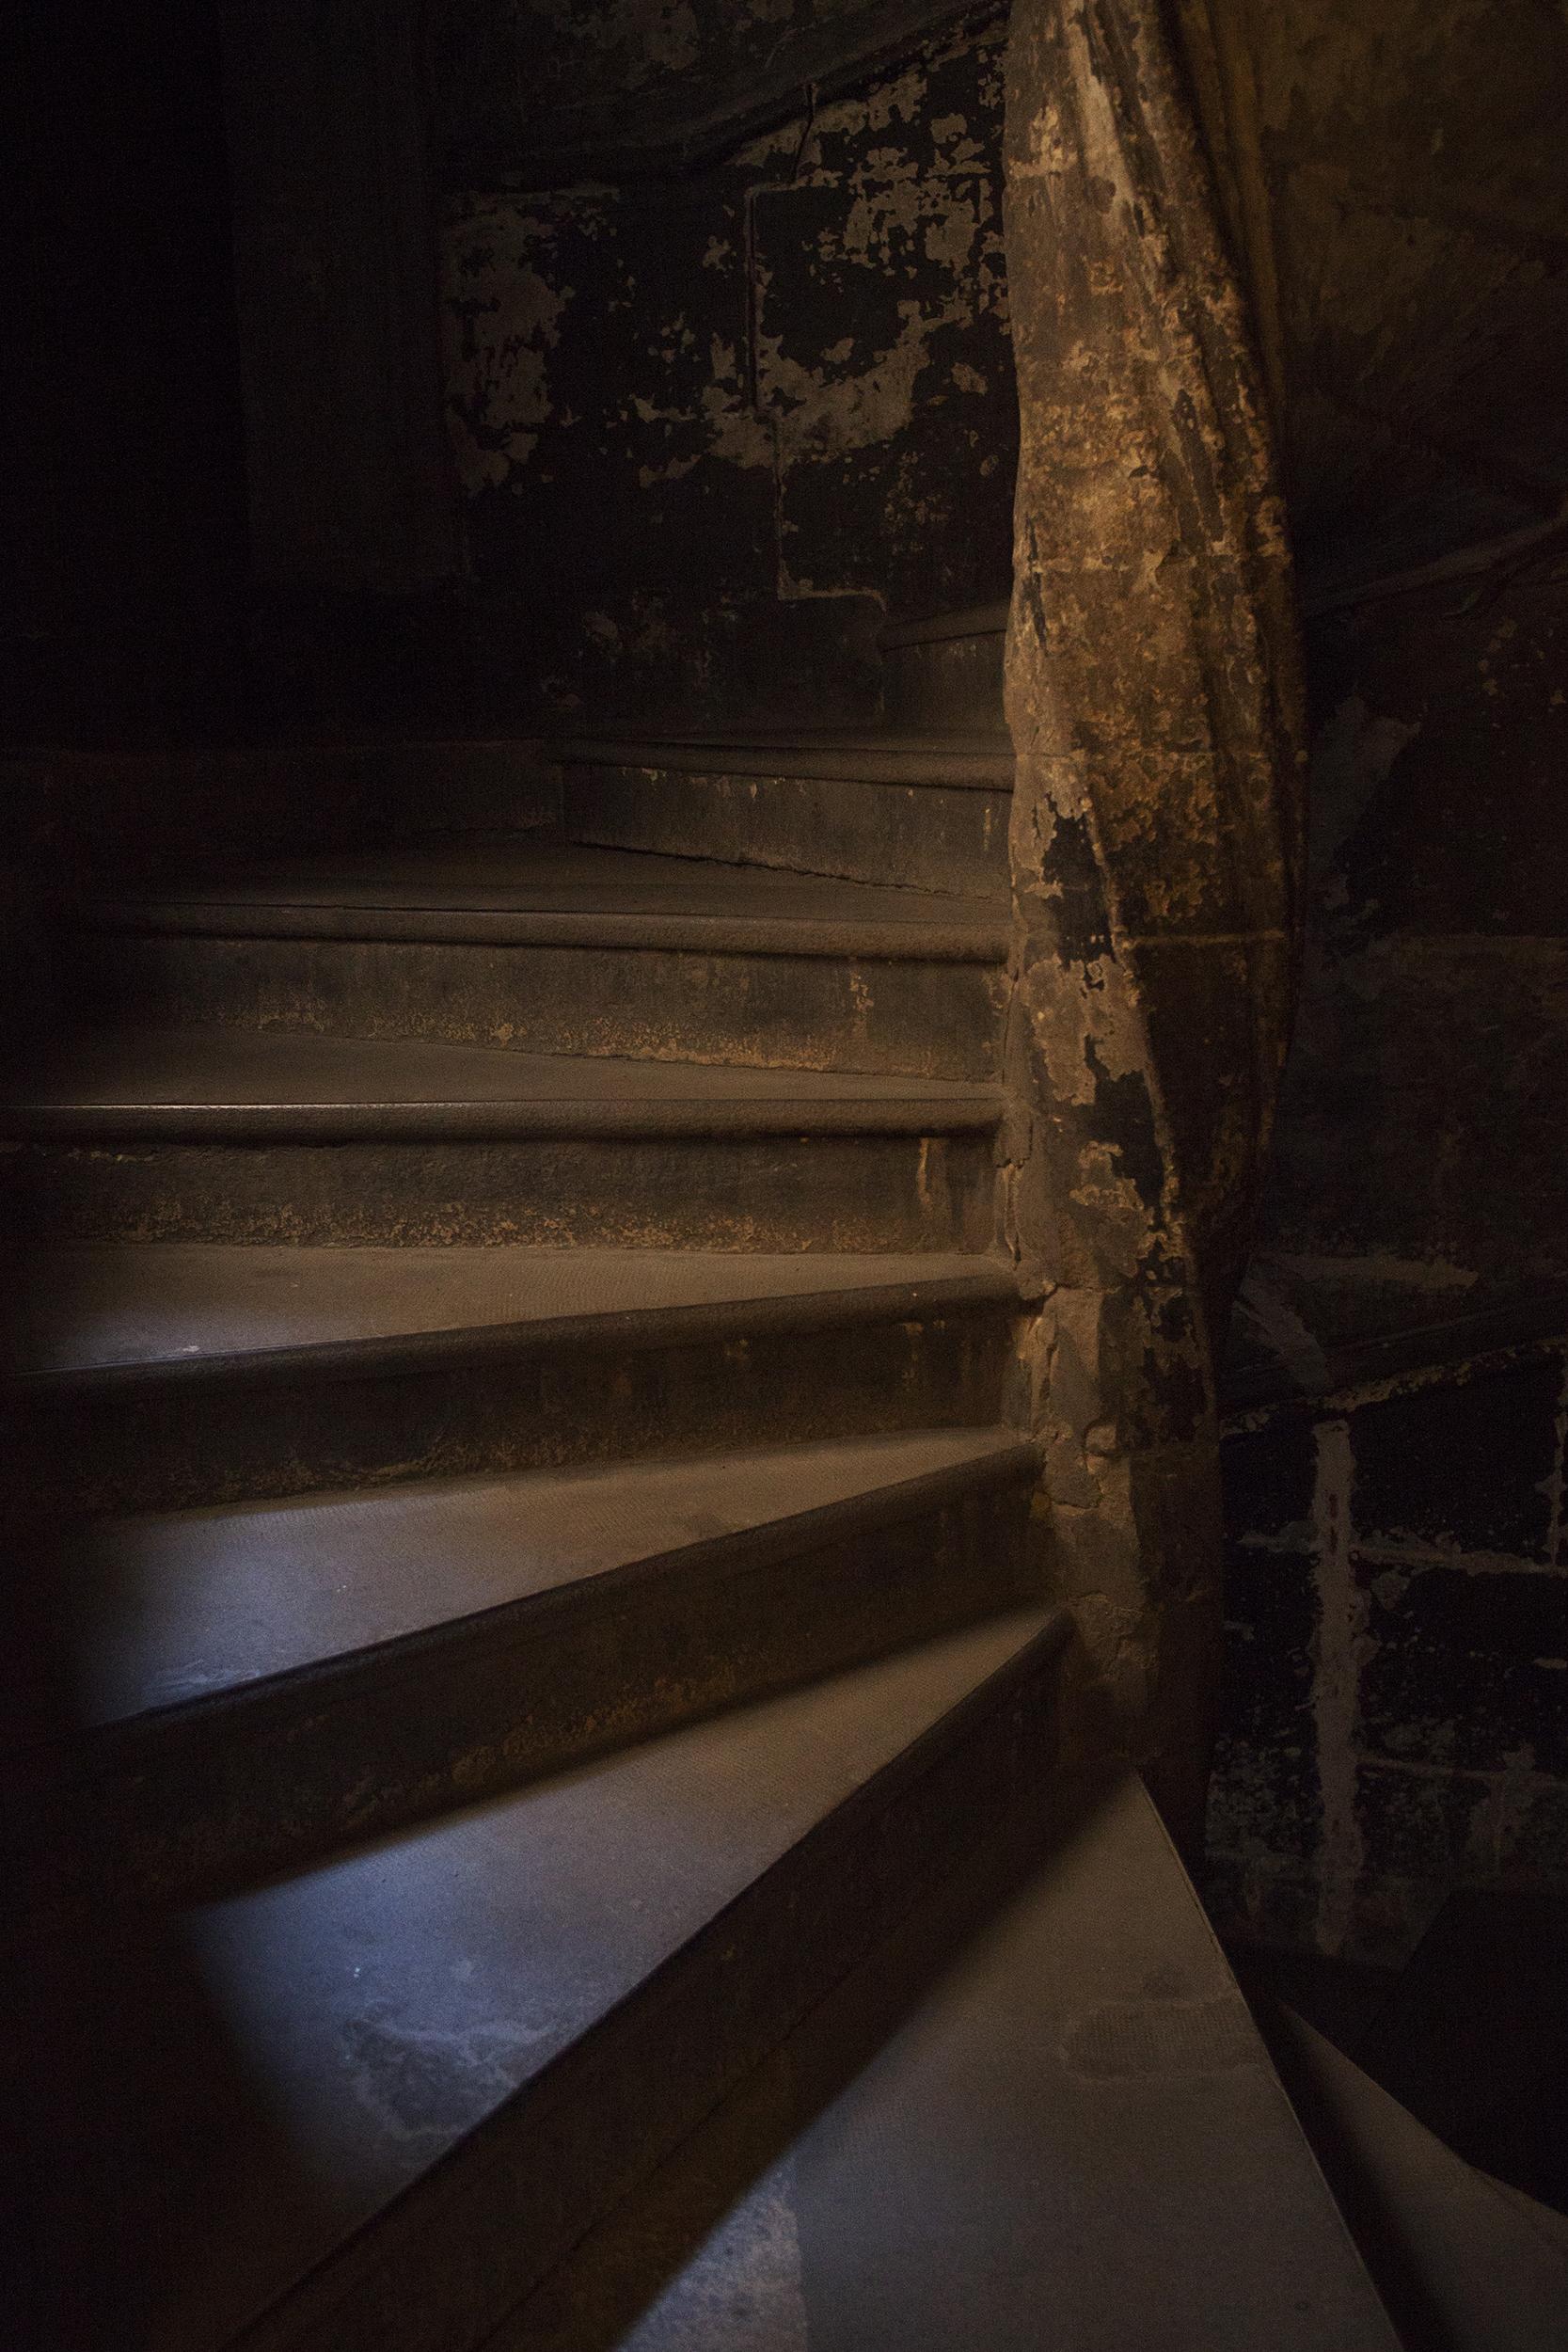 Lyon_stairs.jpg